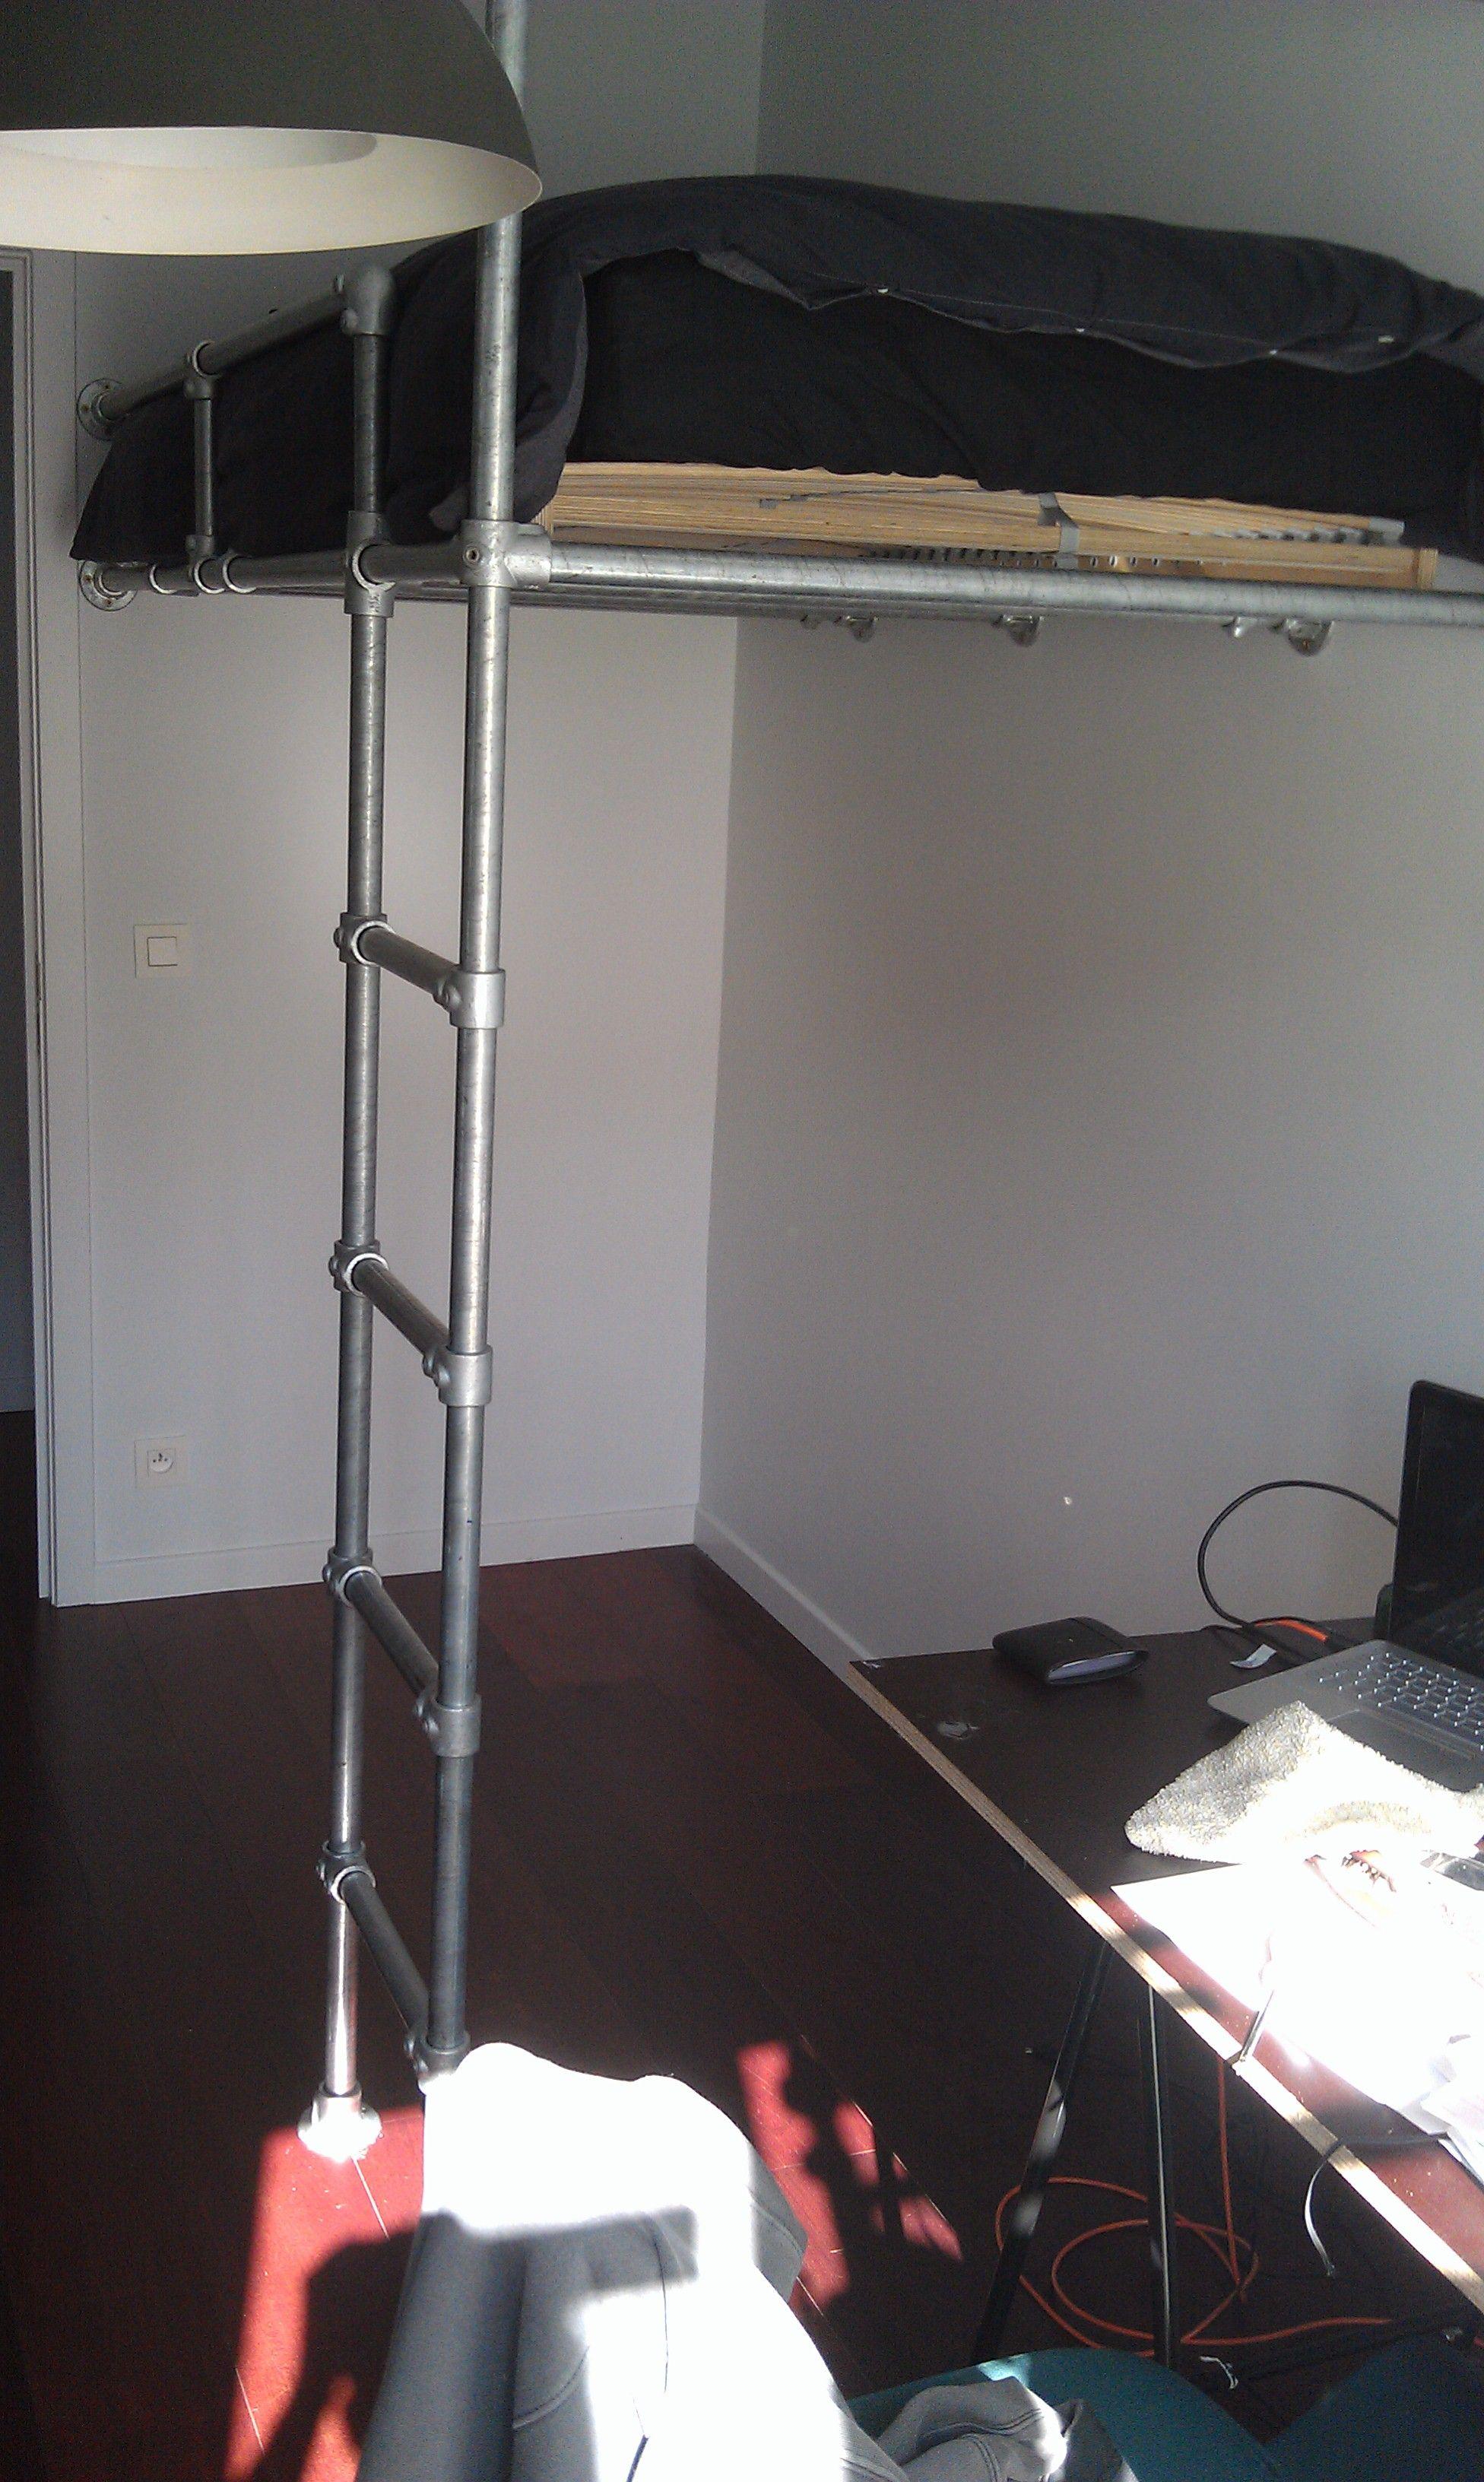 Boys loft bed with desk  My Kee Klamp bunk bed Work in progress  Loft bed in progress